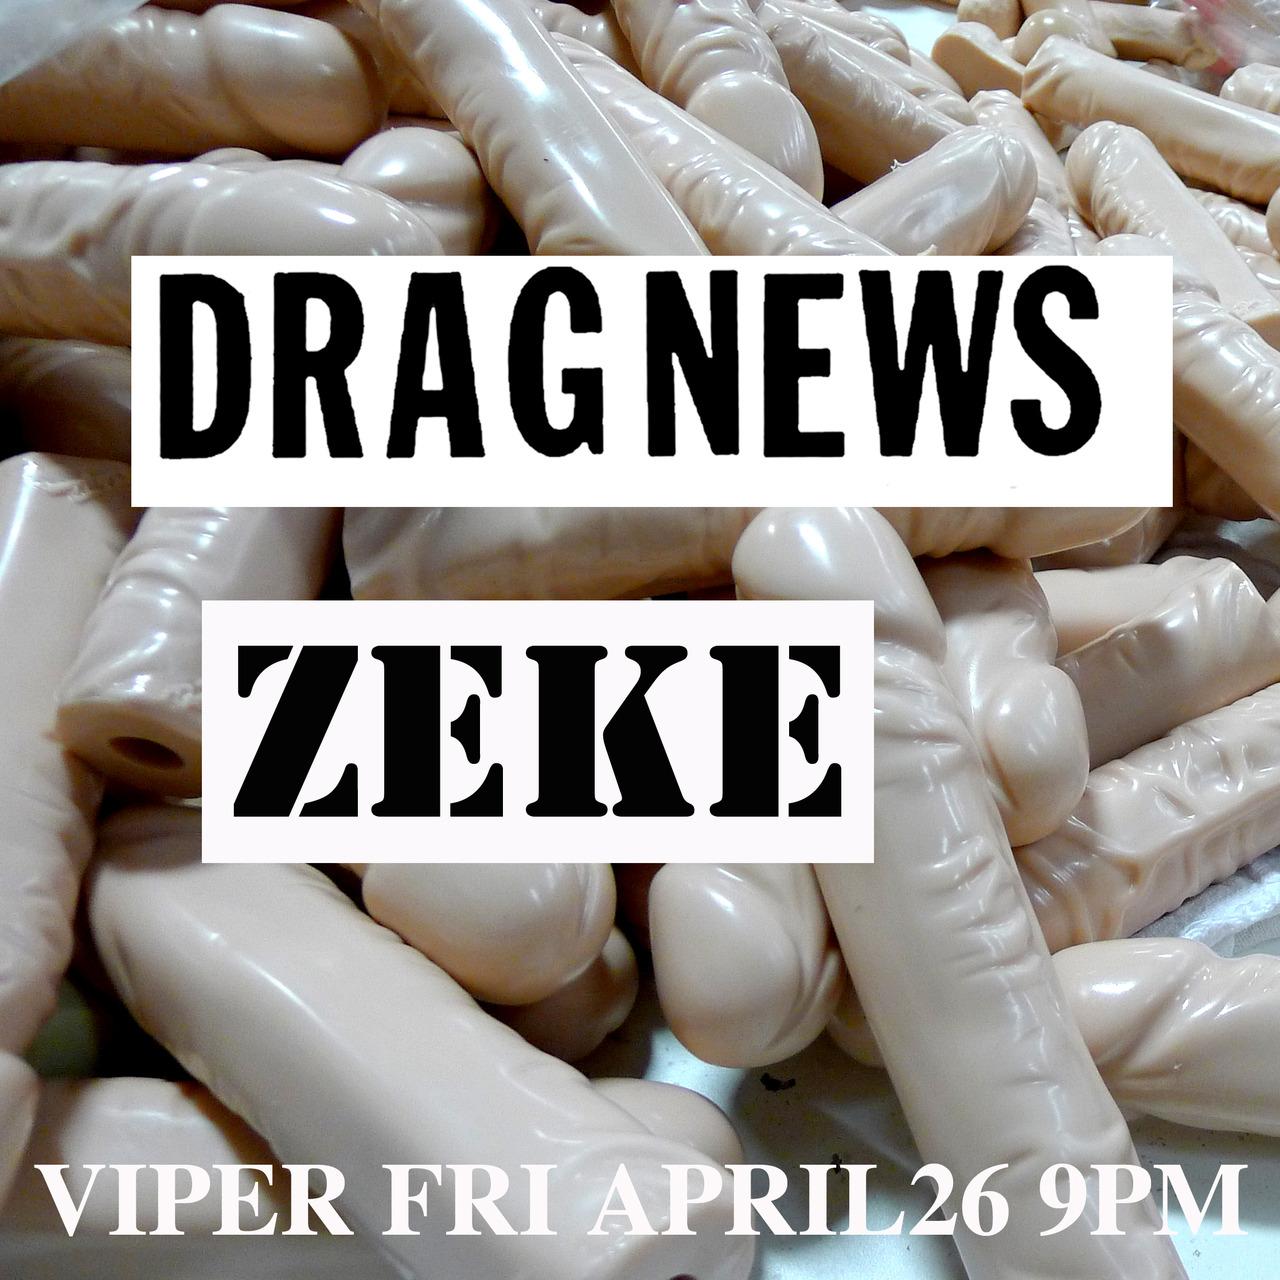 dragnews-zeke3.jpg